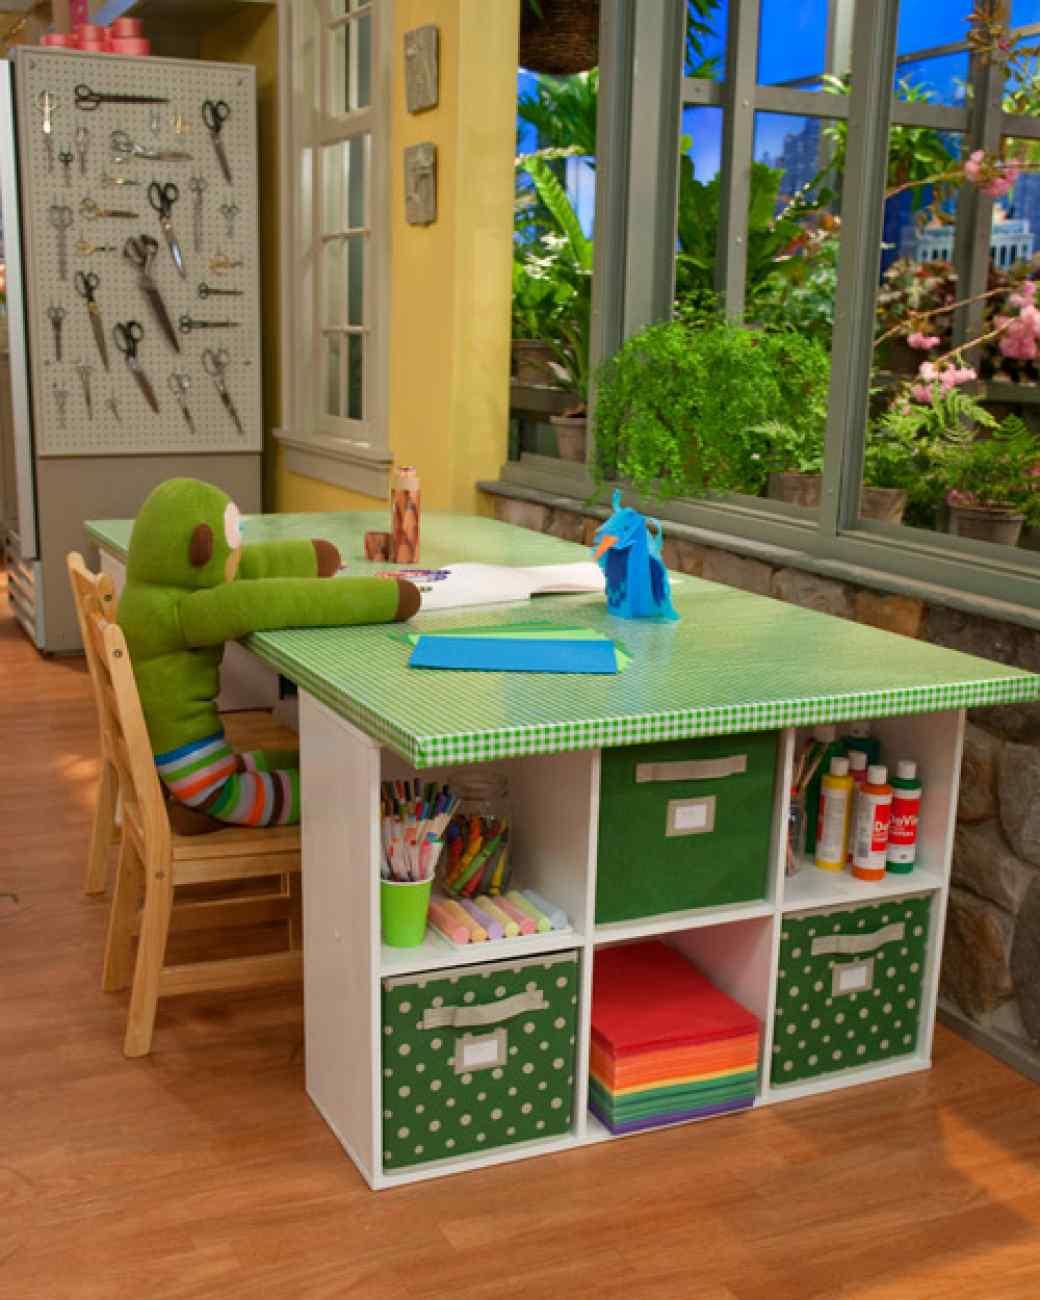 【簡単】カラーボックスに天板をつけるだけ!おしゃれな家具の紹介のサムネイル画像